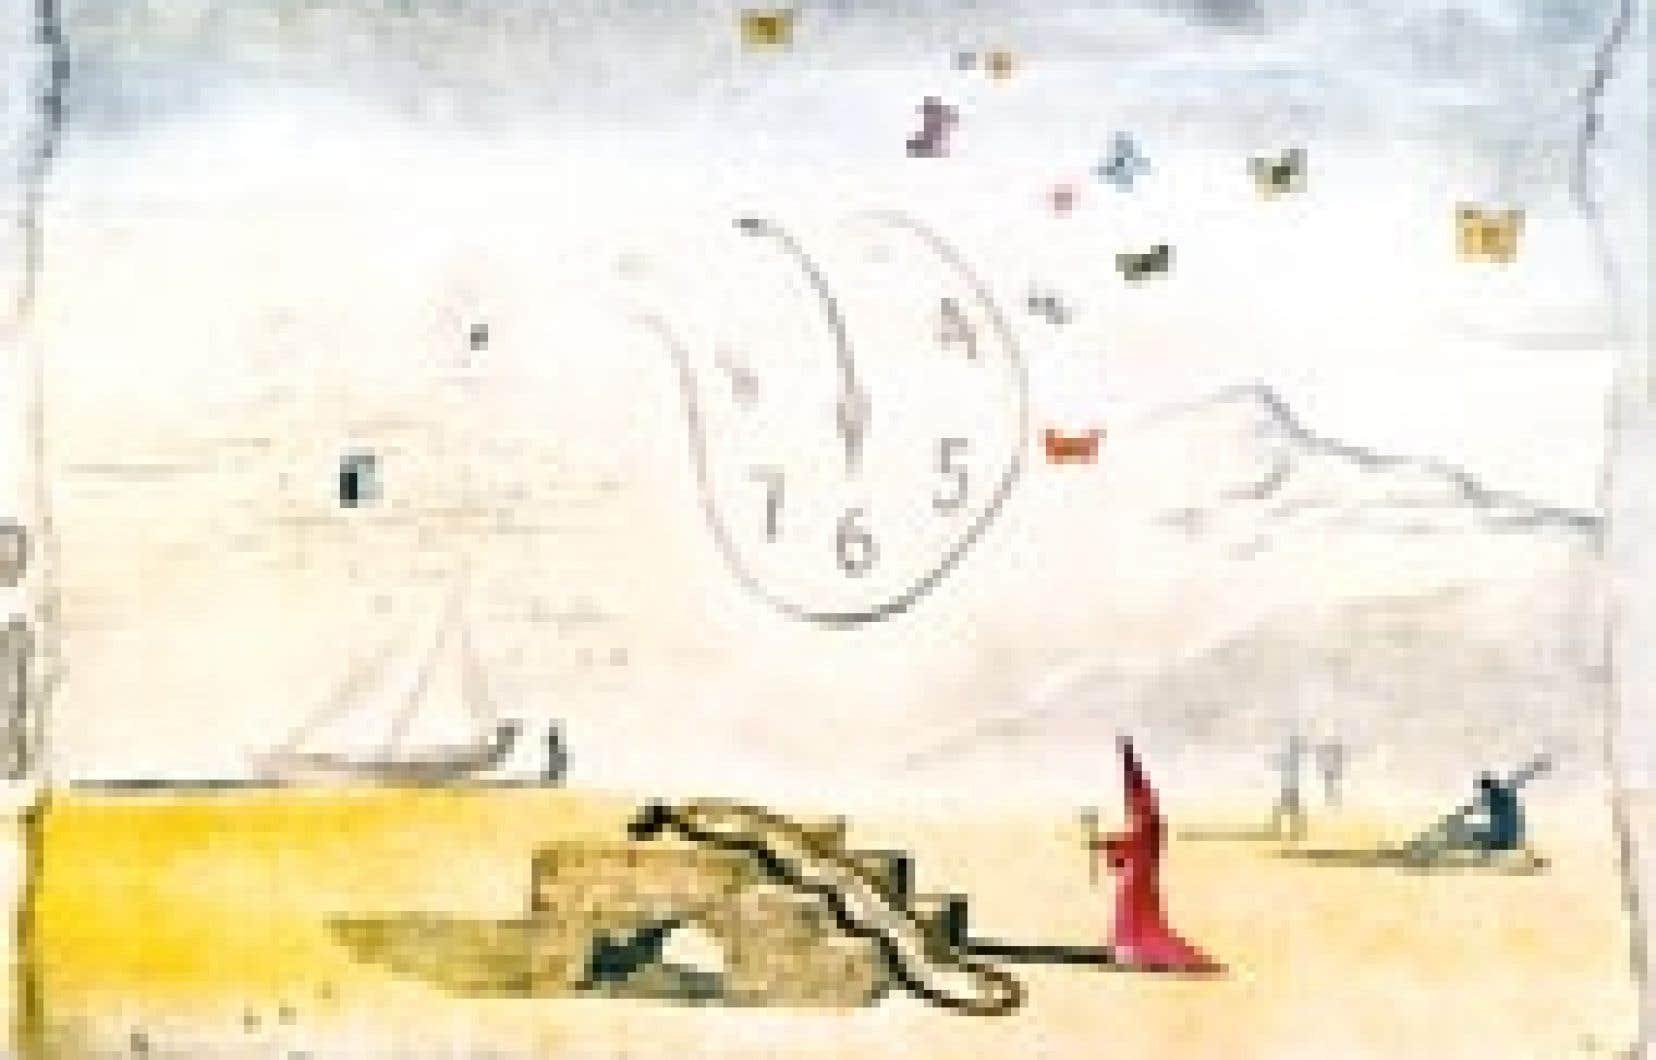 Les Montres molles et les papillons, Salvador Dali, 1974, gravure 57,2 x 80 cm, collection Albaretto. Source: Fondation Gala-Salvador Dali/Sodrac 2004